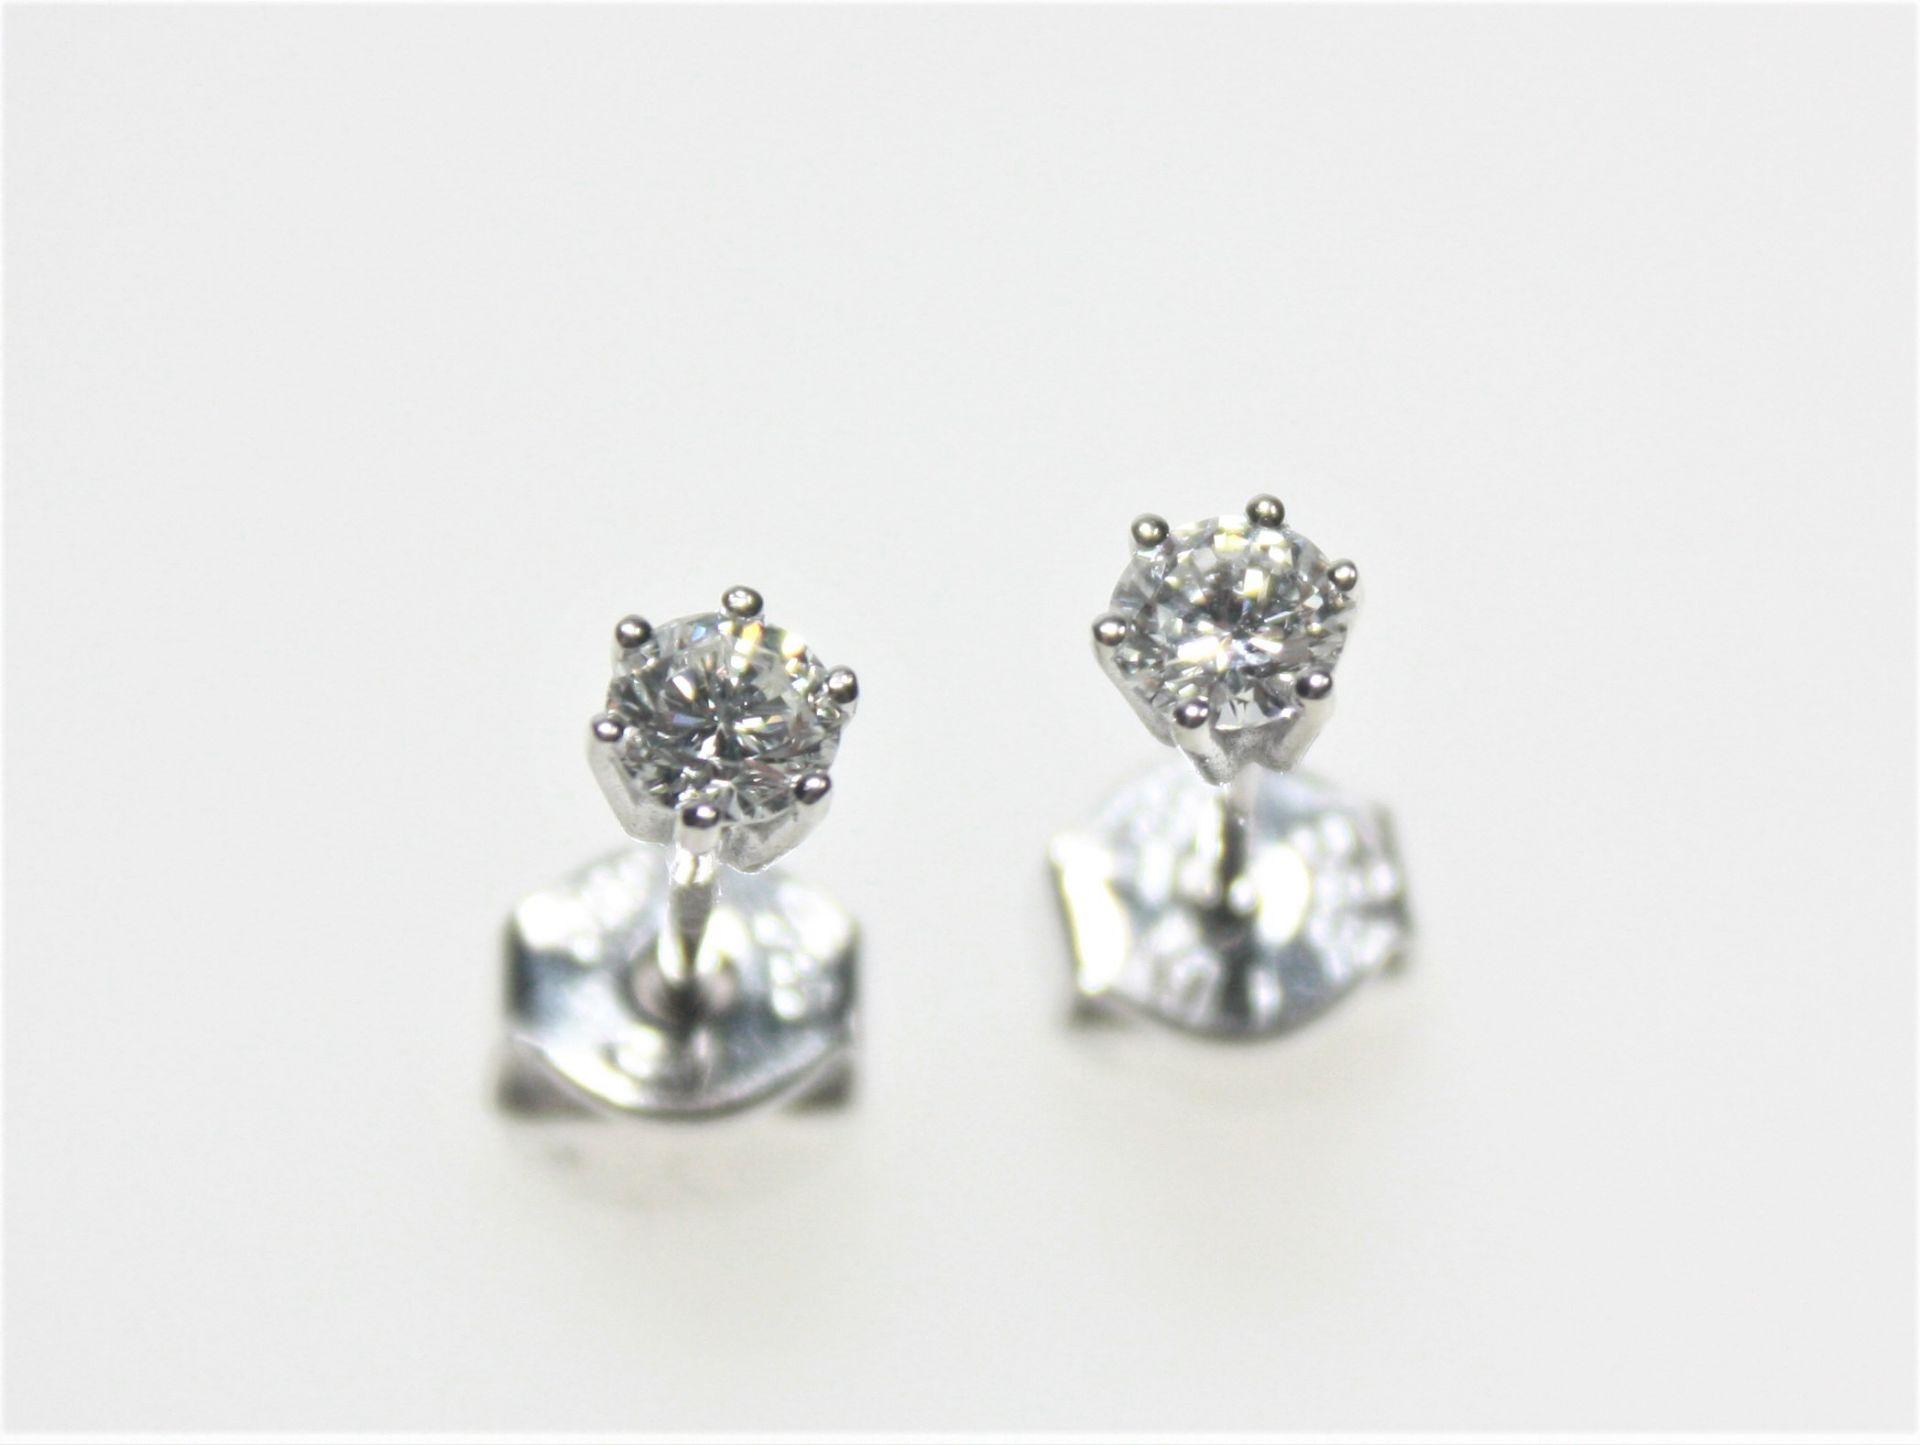 Weißgoldene Ohrstecker 585/f gest., in sechs Krappen gefasst je ein Diamant in Brillantschliff